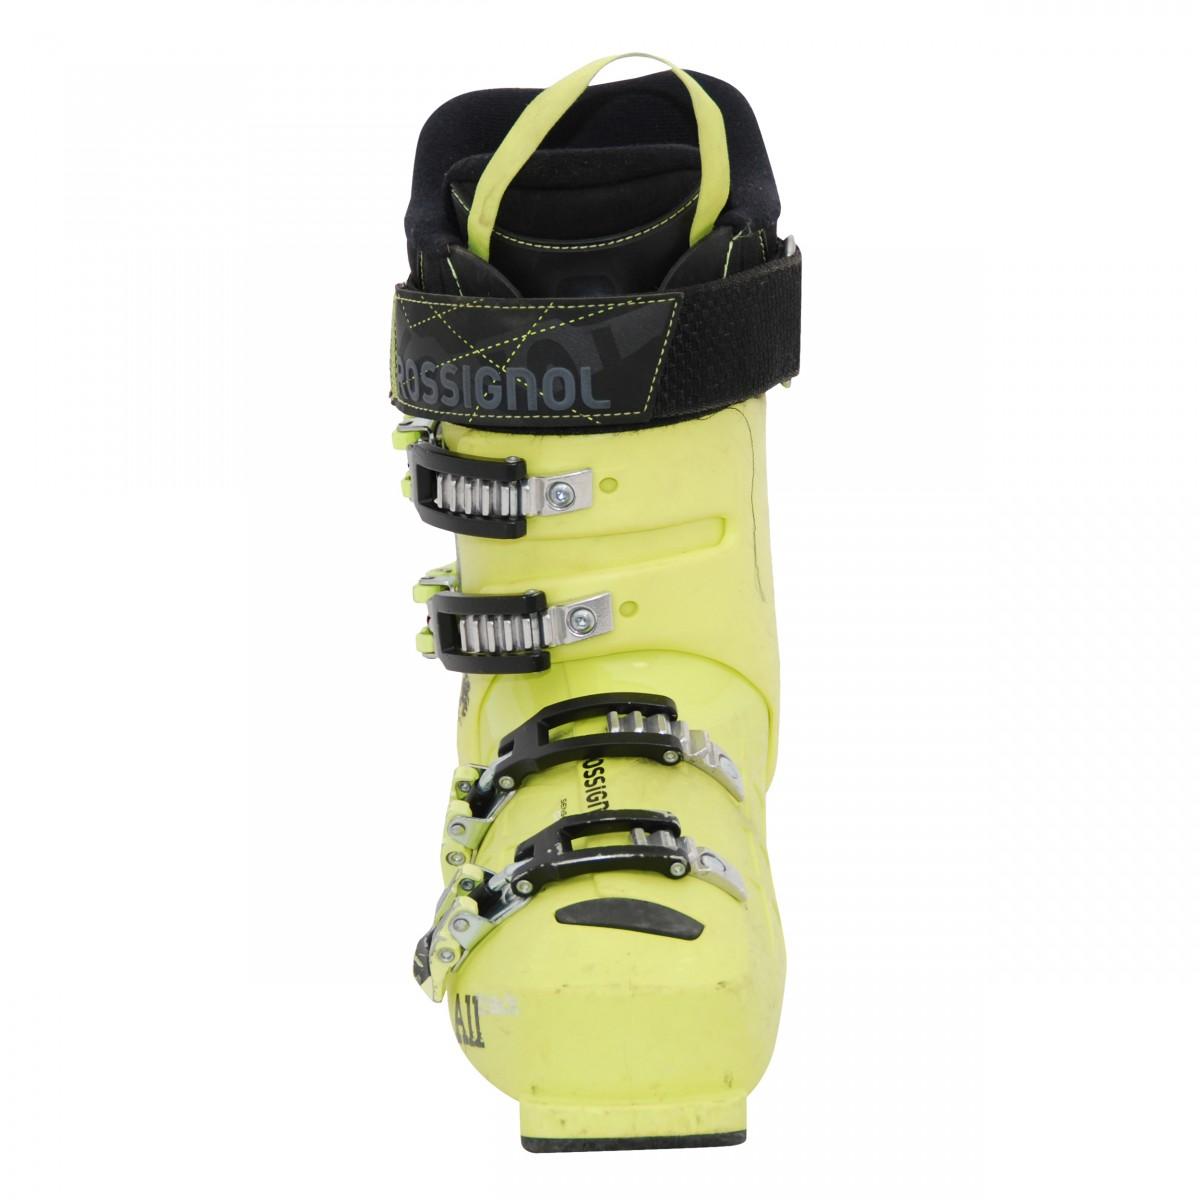 Chaussure-de-ski-occasion-junior-Rossignol-All-track-jaune miniature 5